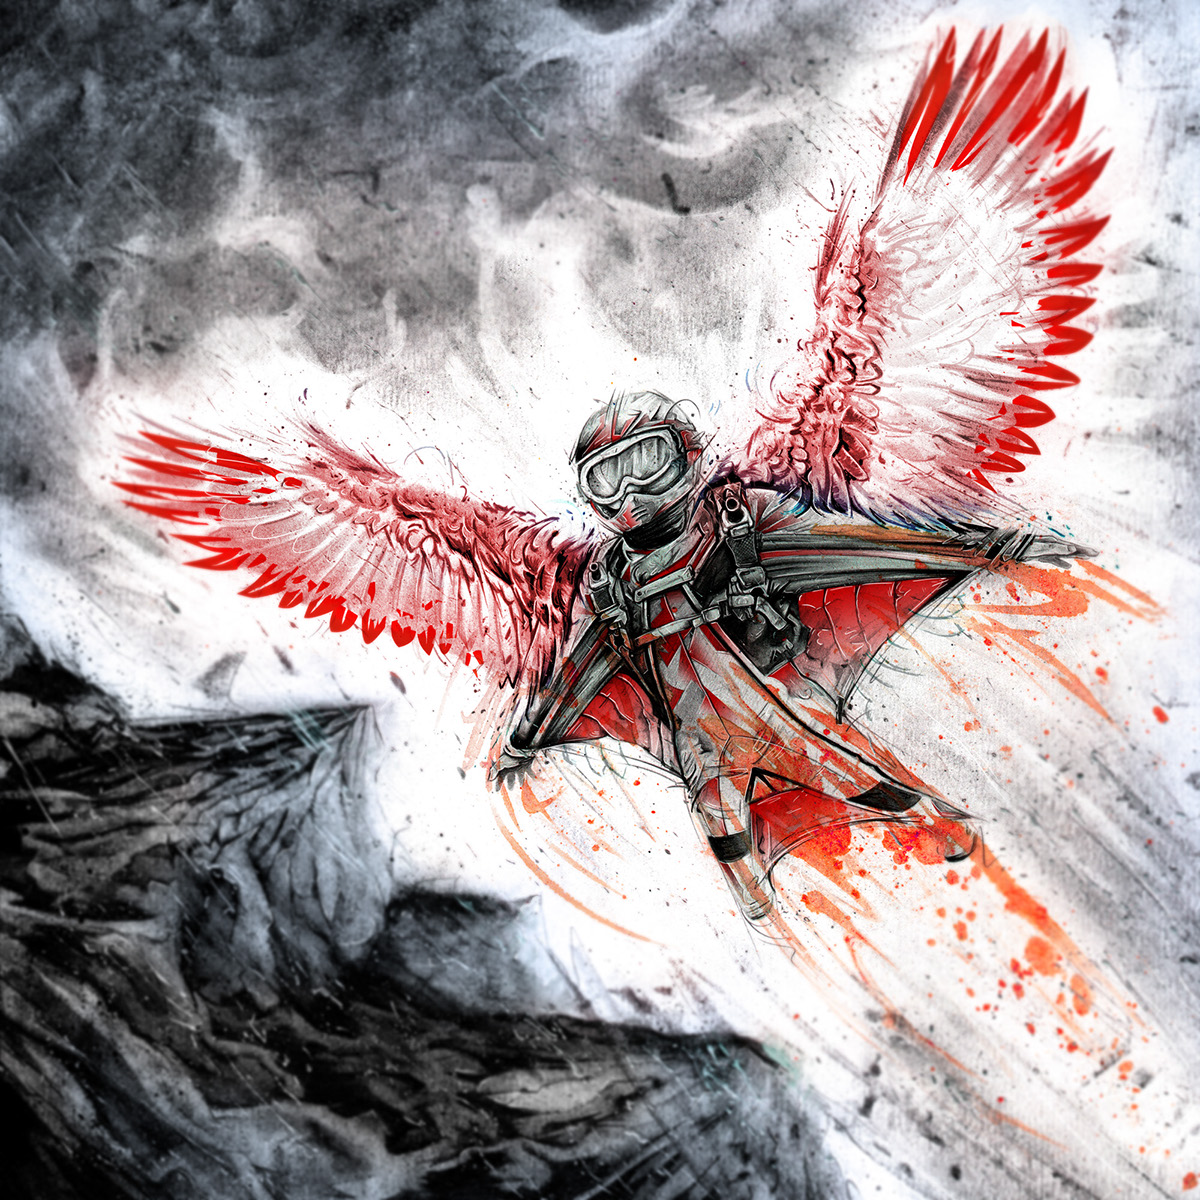 beast extreme sports tom manning wingsuit mountain Bike Jetski Snowboarding lion eagle Nike KTM adidas